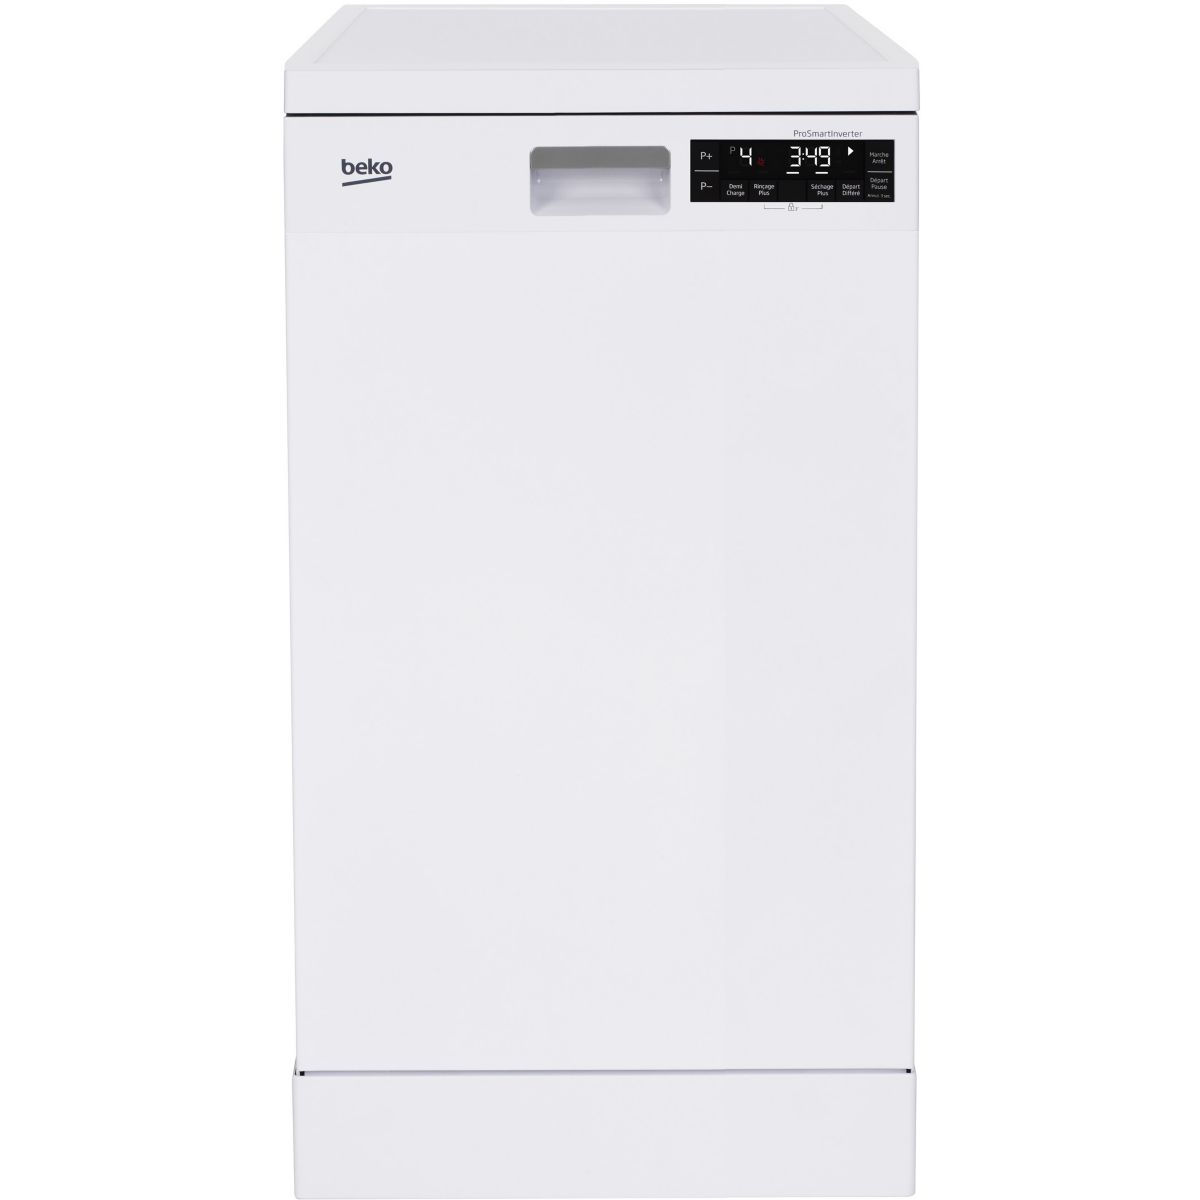 Lave vaisselle 45 cm BEKO DFS28020W Blanc